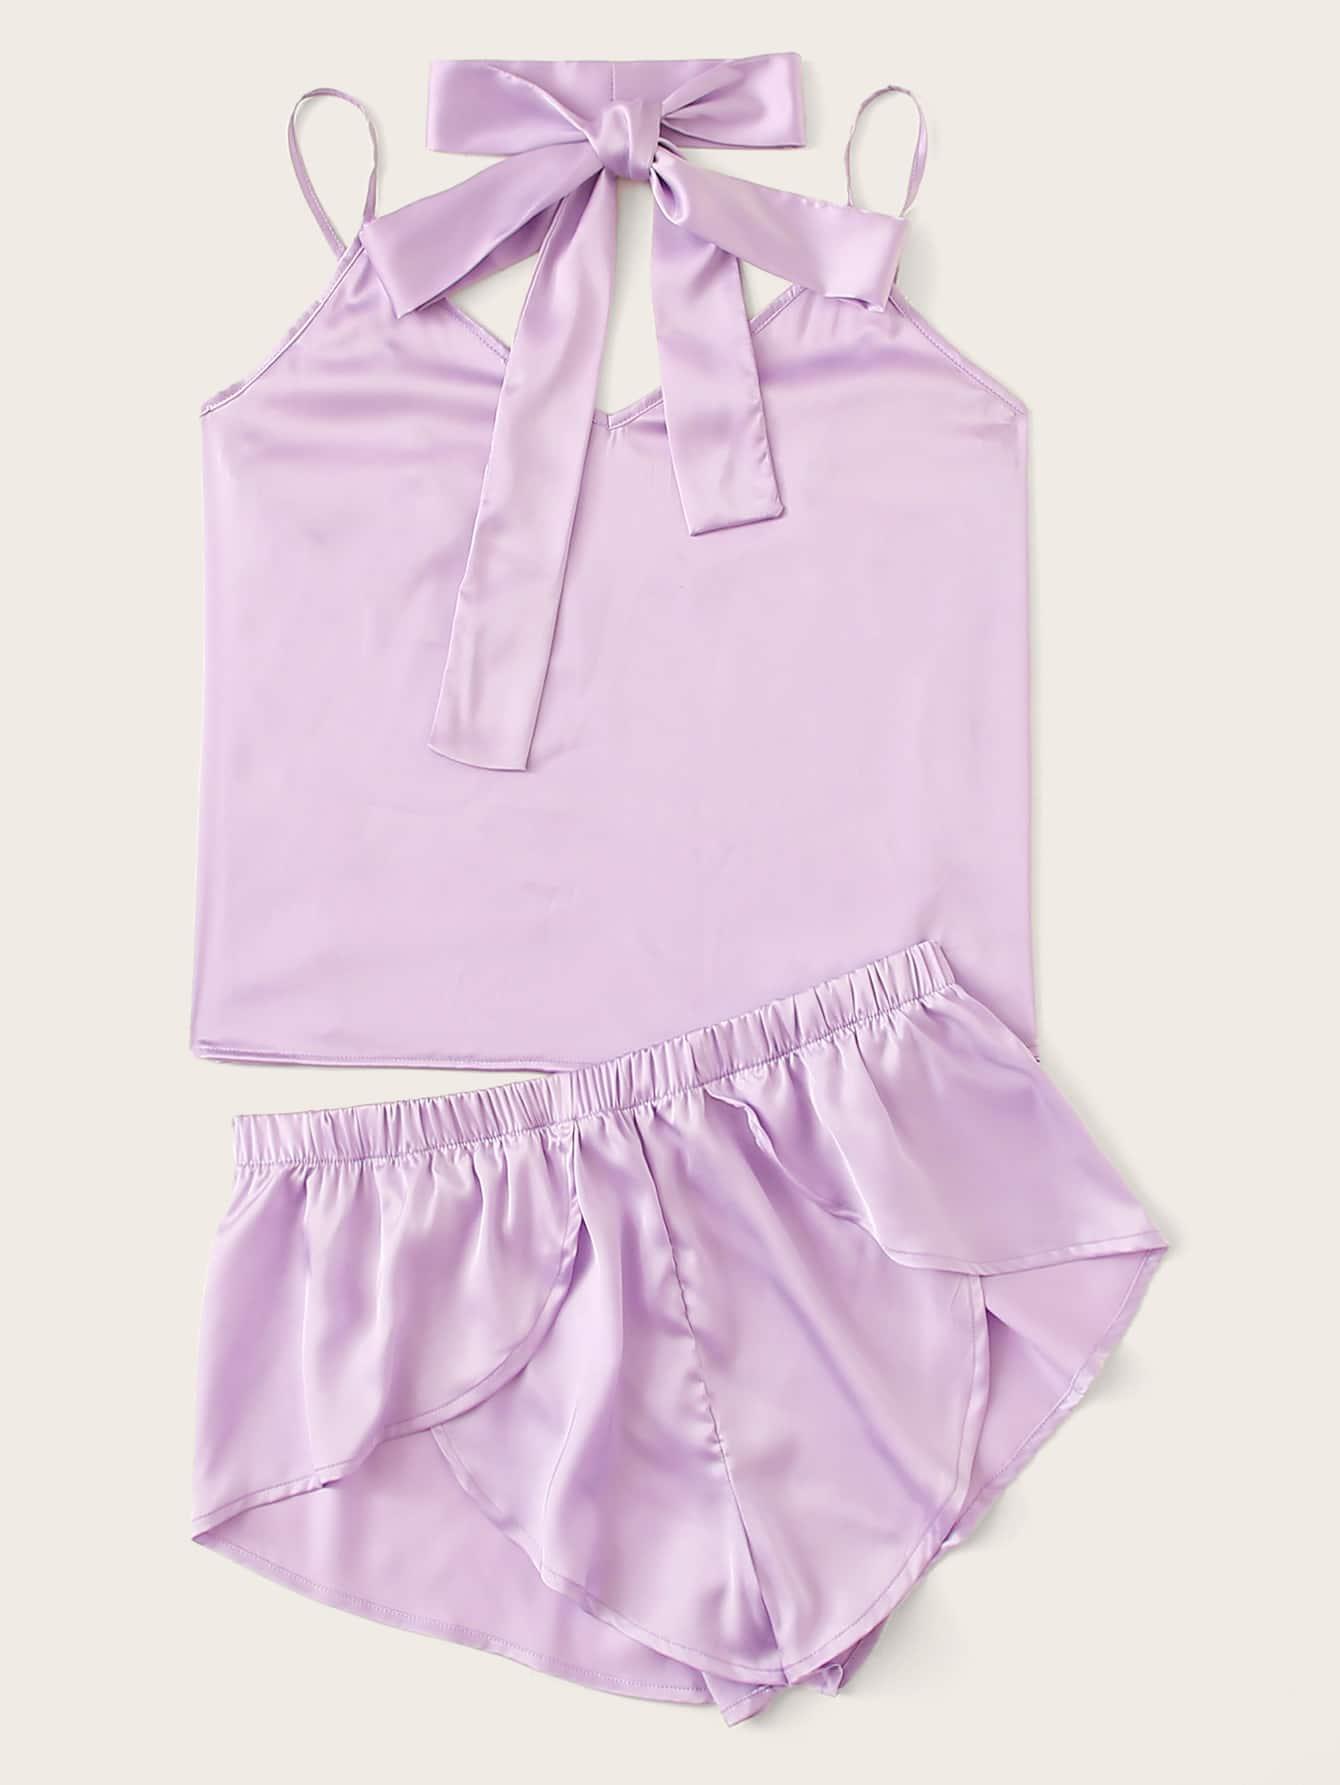 Фото - Атласная пижама на бретелях с поясом от SheIn цвет фиолетовые